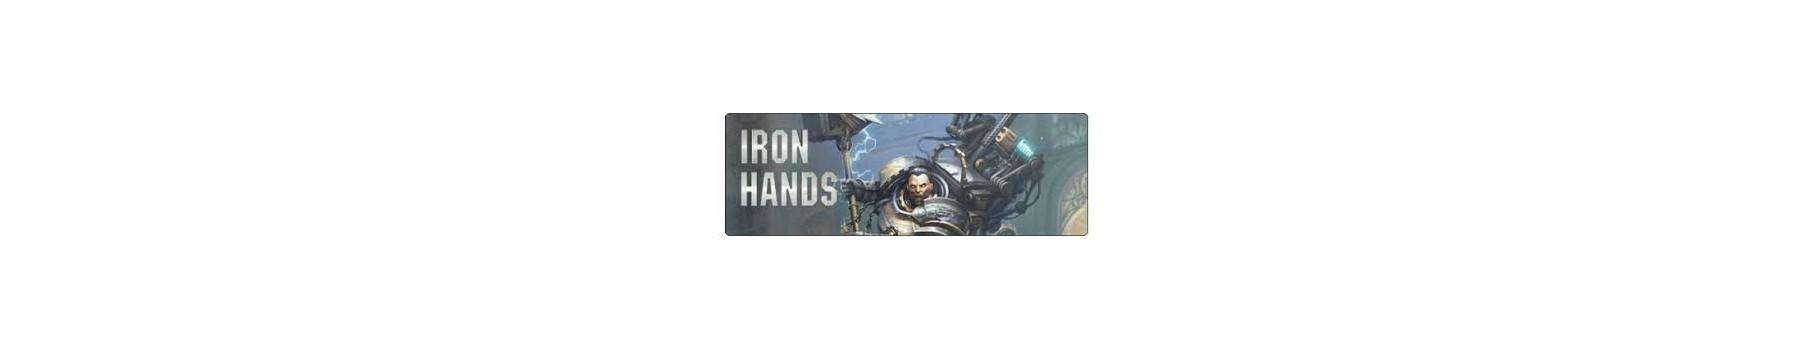 L'Armée des Iron hands de votre Ludicaire Au Chapeau Enchanté